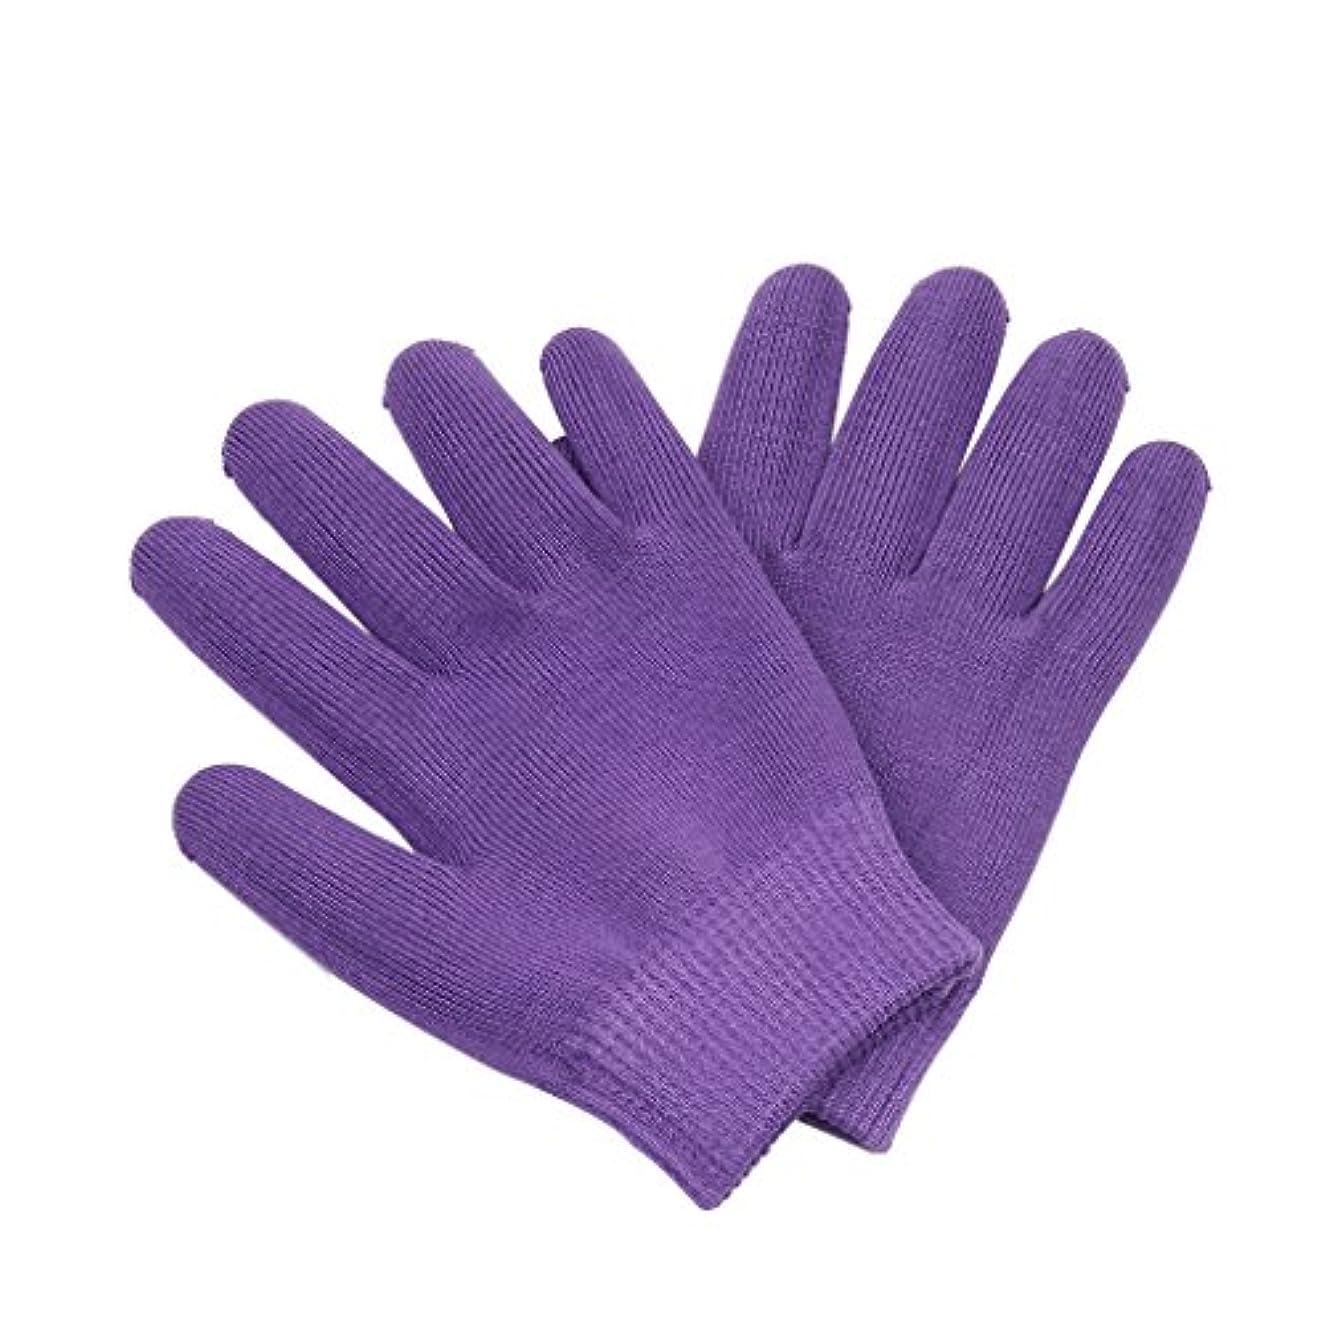 実業家地区トライアスロンLovoski 保湿手袋 おやすみ手袋 手袋 手湿疹 乾燥防止 手荒れ 保湿 スキンケア  メンズ レディース 全3色選べ - 紫